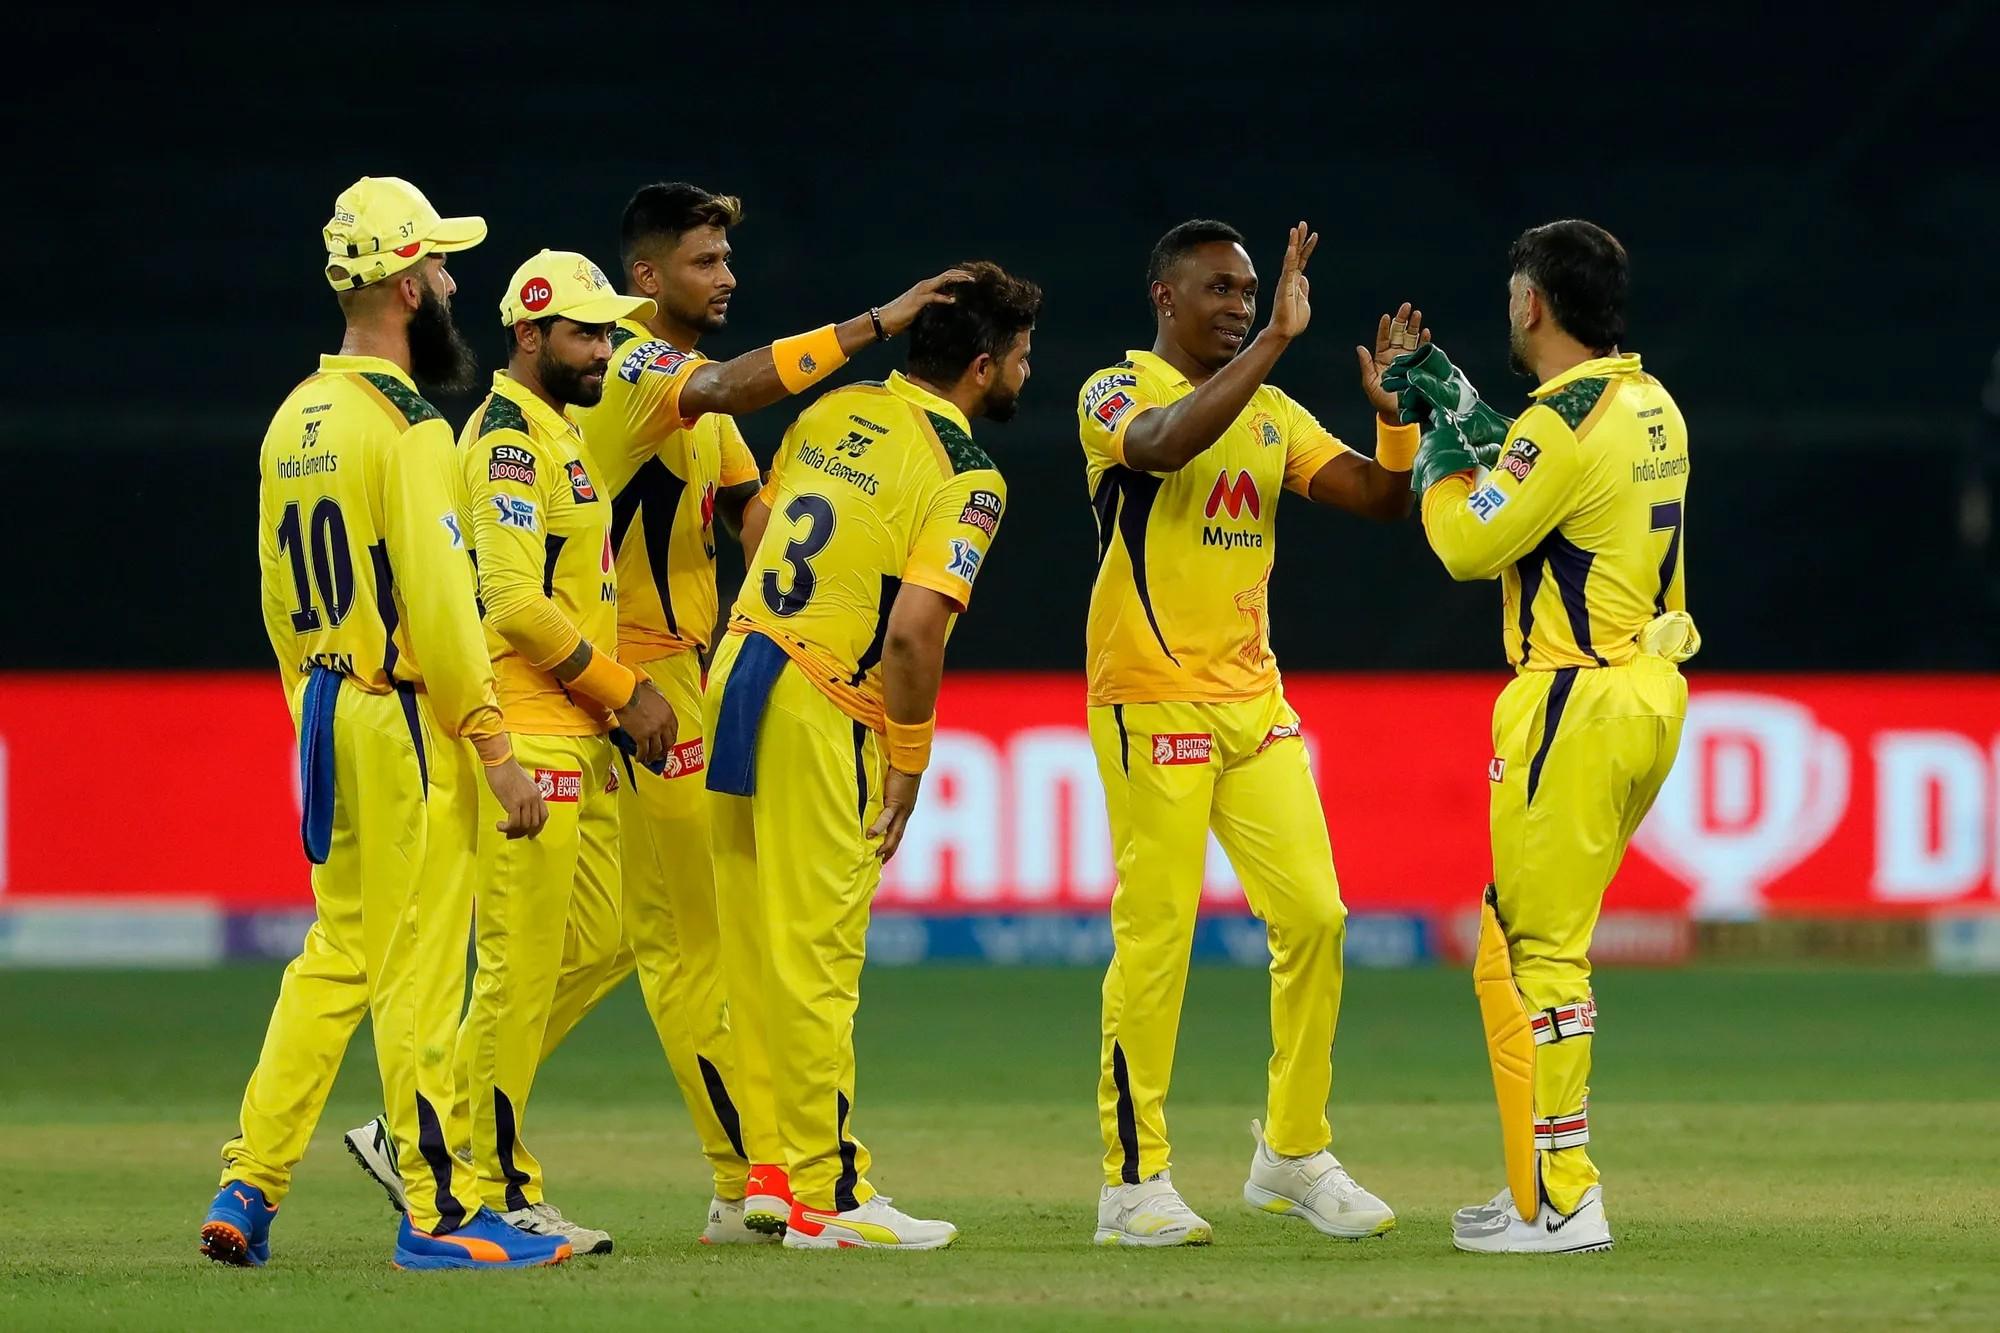 एकतरफा जीत के साथ पॉइंट्स टेबल में टॉप पर पहुंची धोनी एंड कंपनी, मुंबई को 20 रन से हराया|IPL 2021,IPL 2021 - Dainik Bhaskar